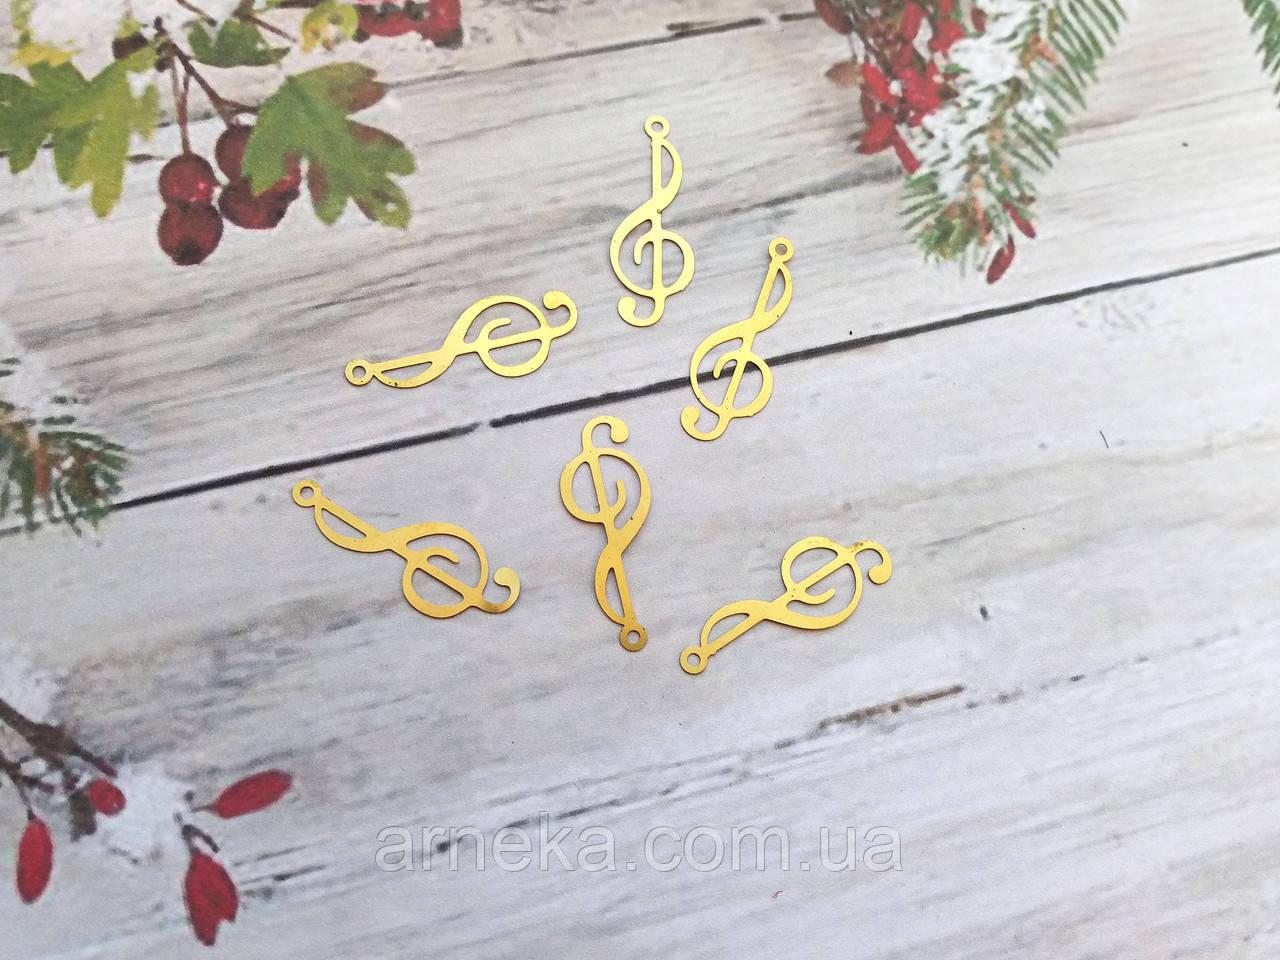 Филигрань Скрипичный ключ  под золото  2.5*1  см